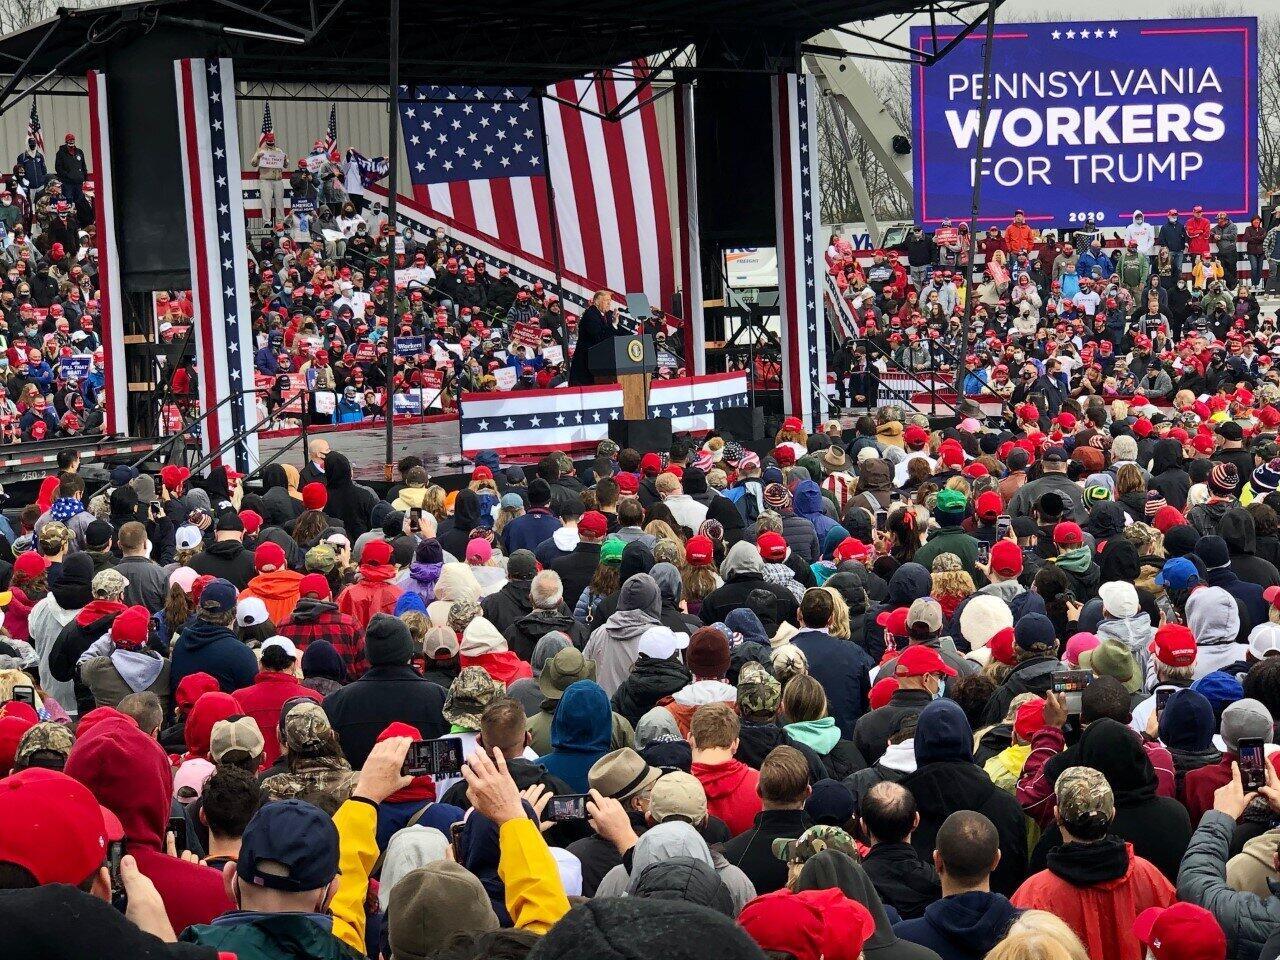 ペンシルベニア州アレンタウンで開かれた支持者の集会で演説するトランプ氏(2020年10月、筆者撮影)